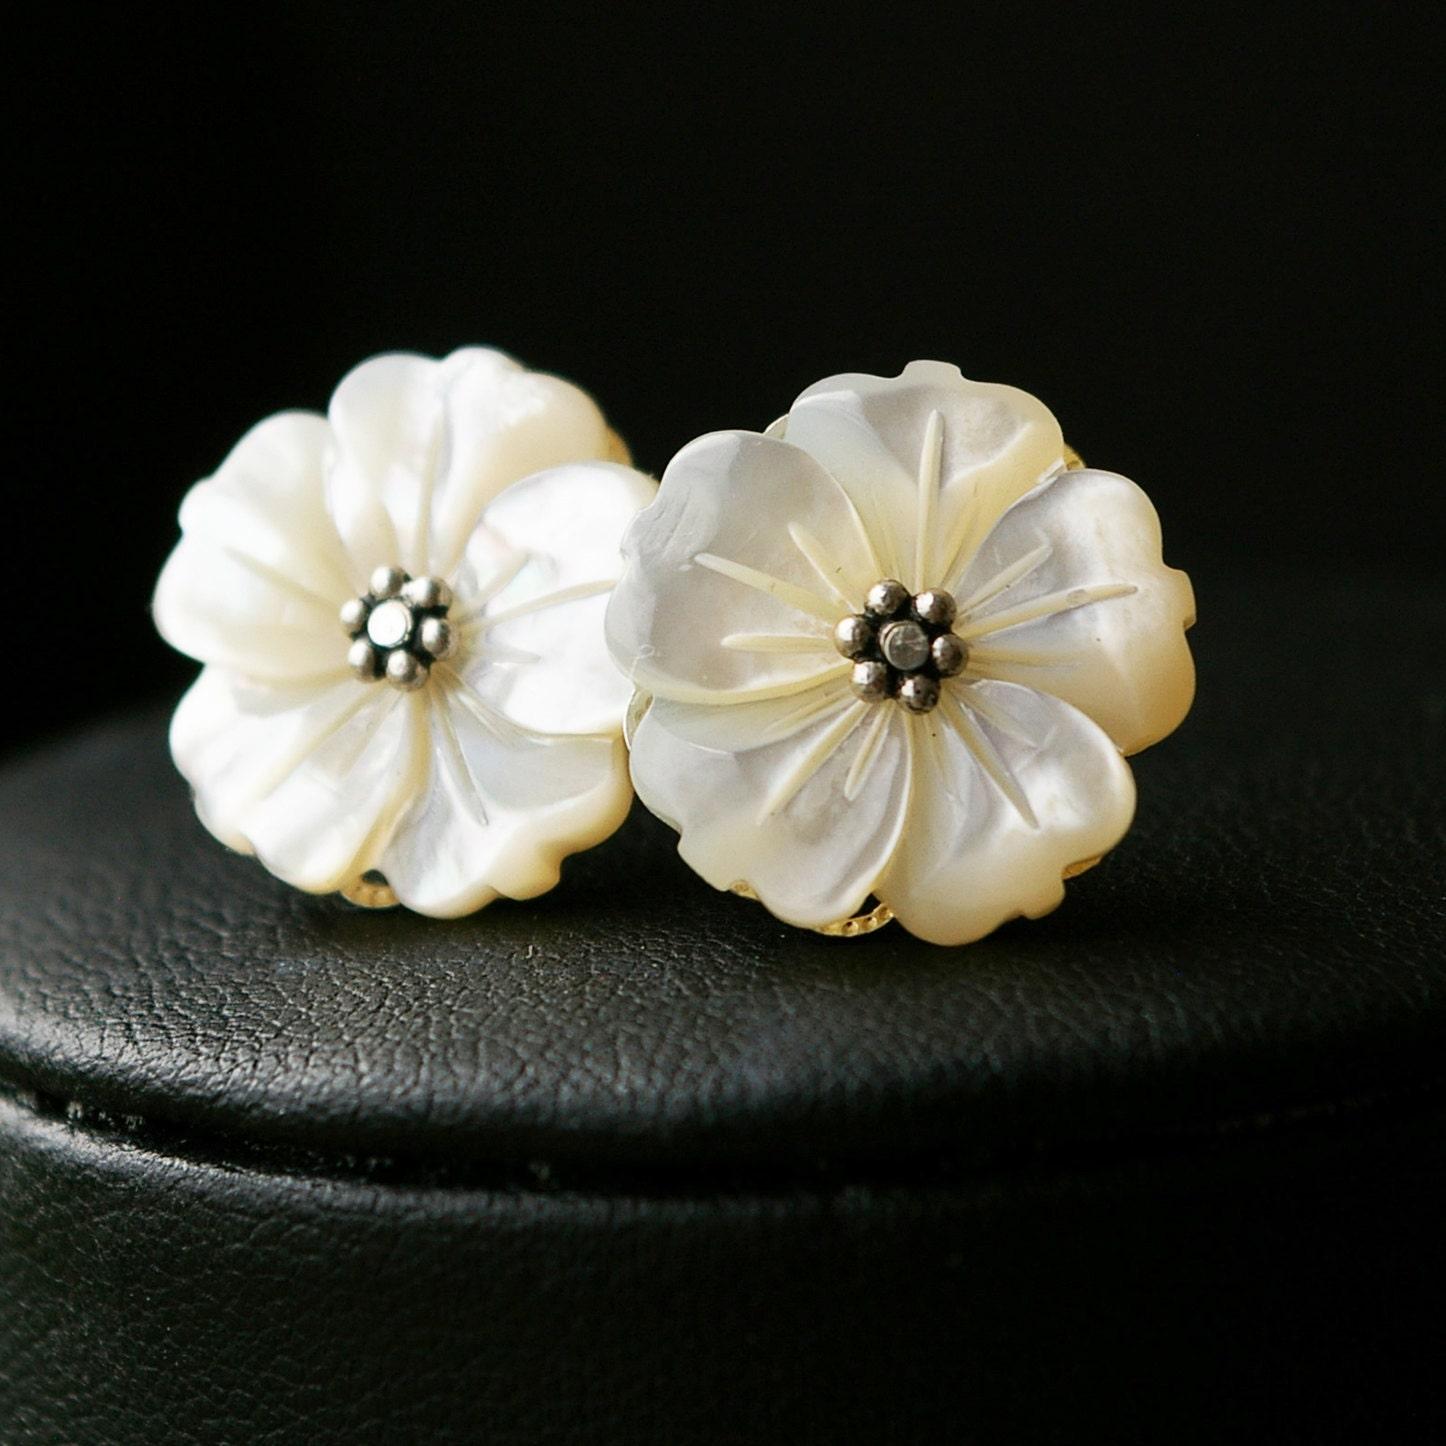 Mother of Pearl Flower Stud Earrings Vintage Bridal Jewelry